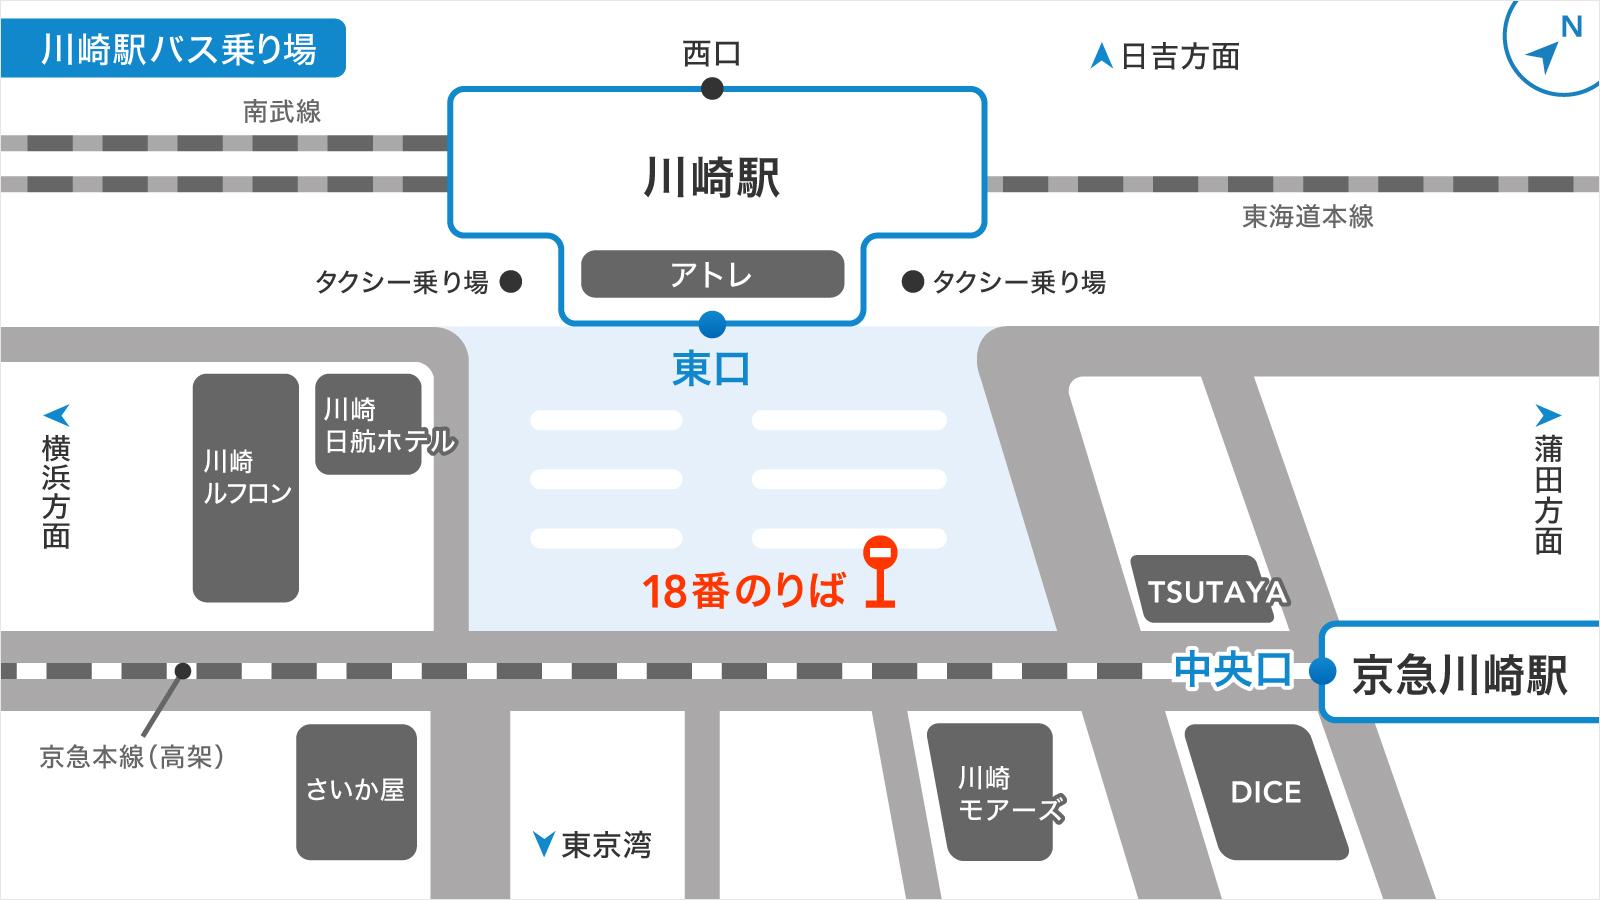 川崎駅バス乗り場の画像